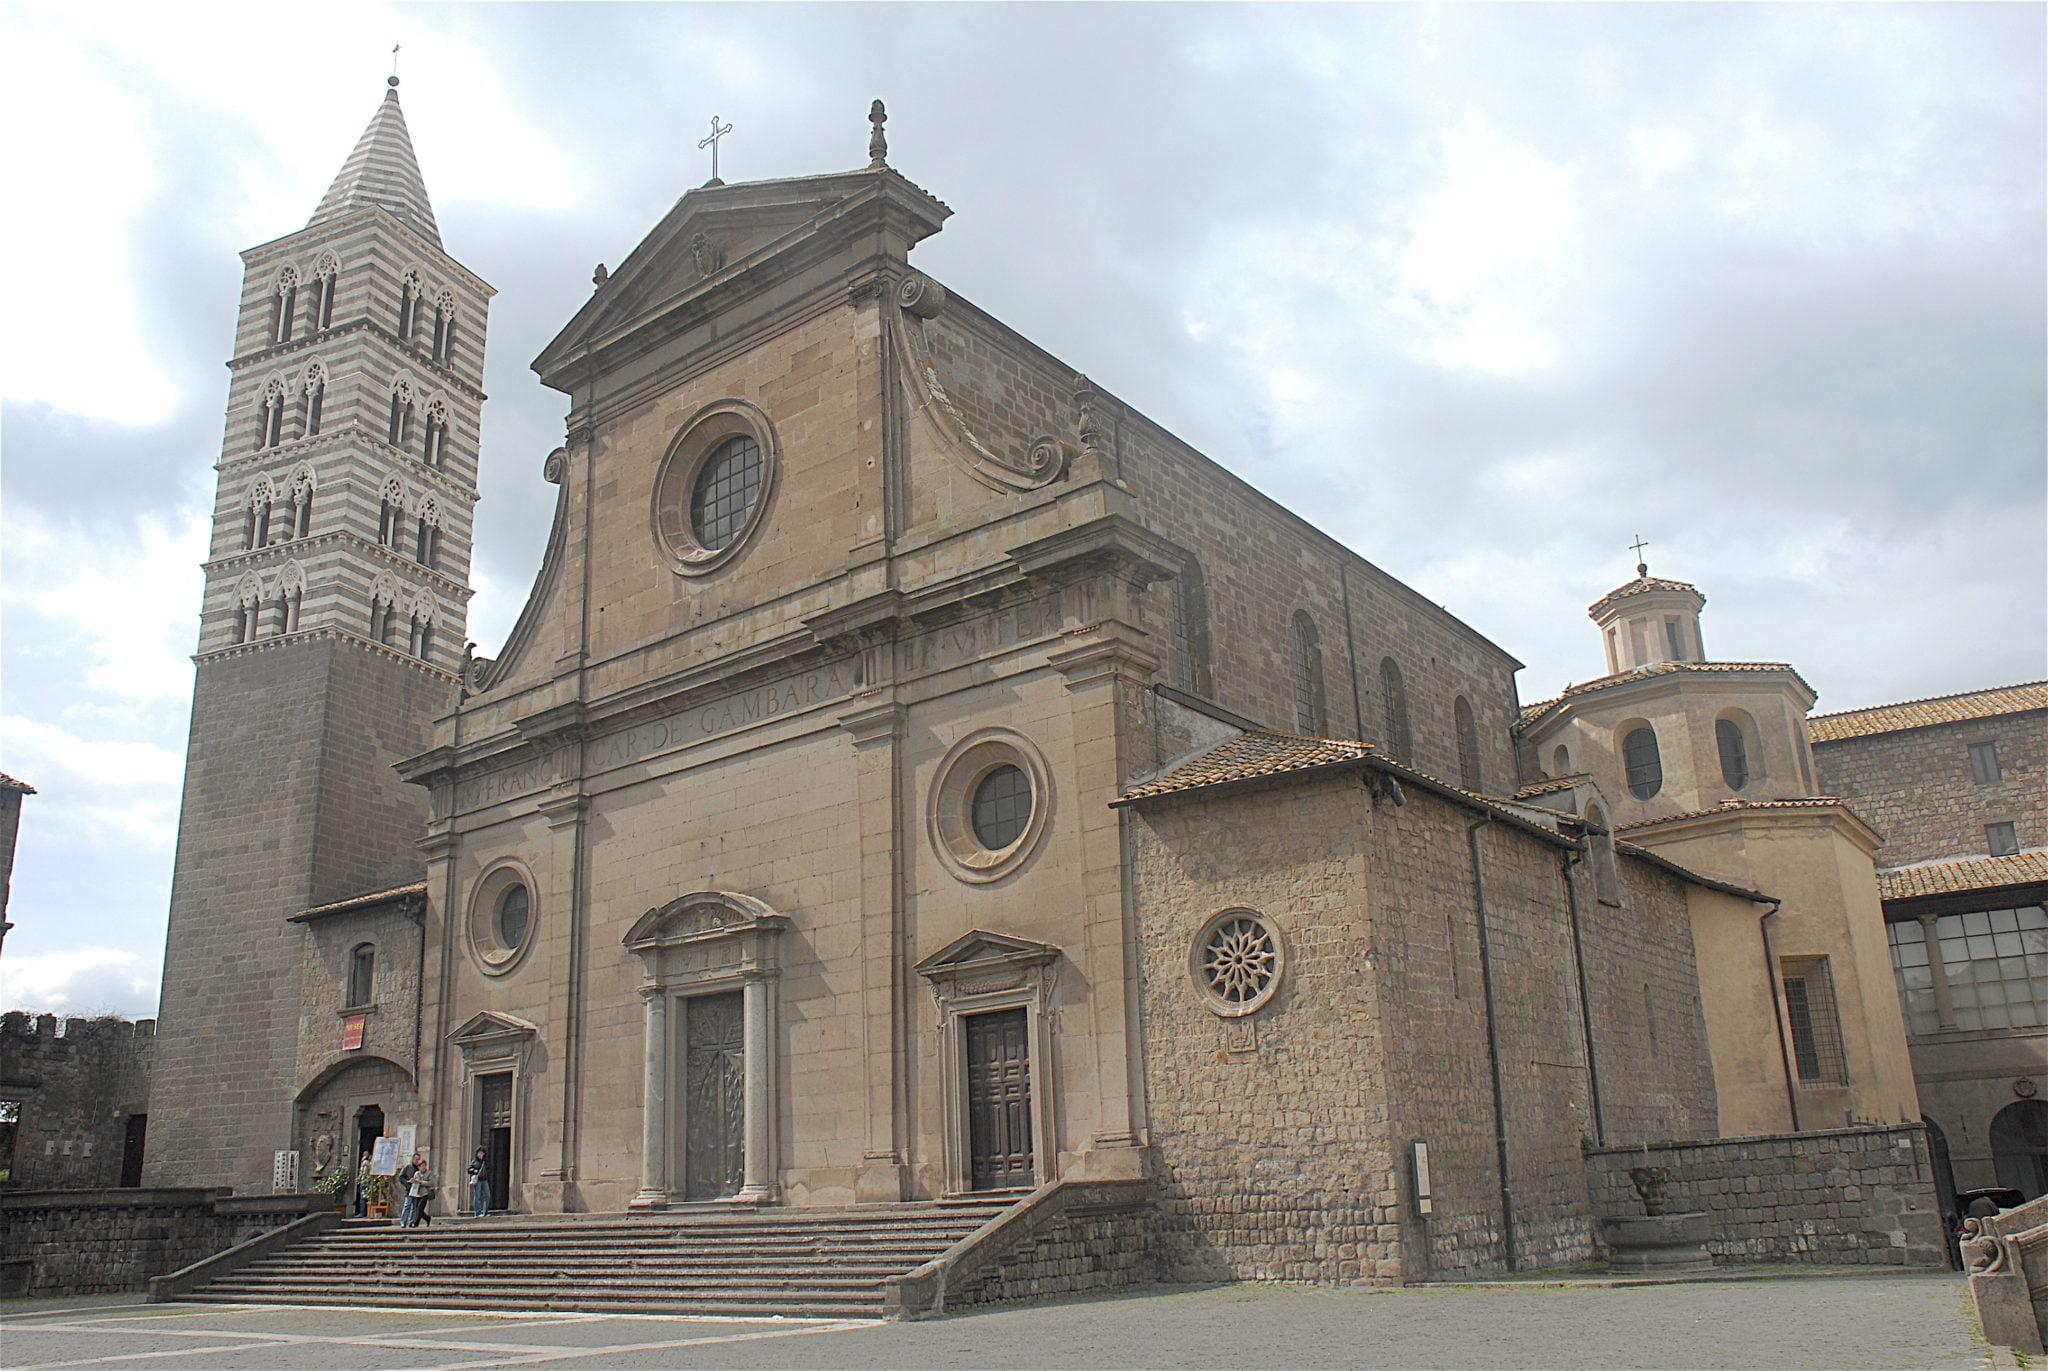 La cathédrale romane San Lorenzo, le Duomo